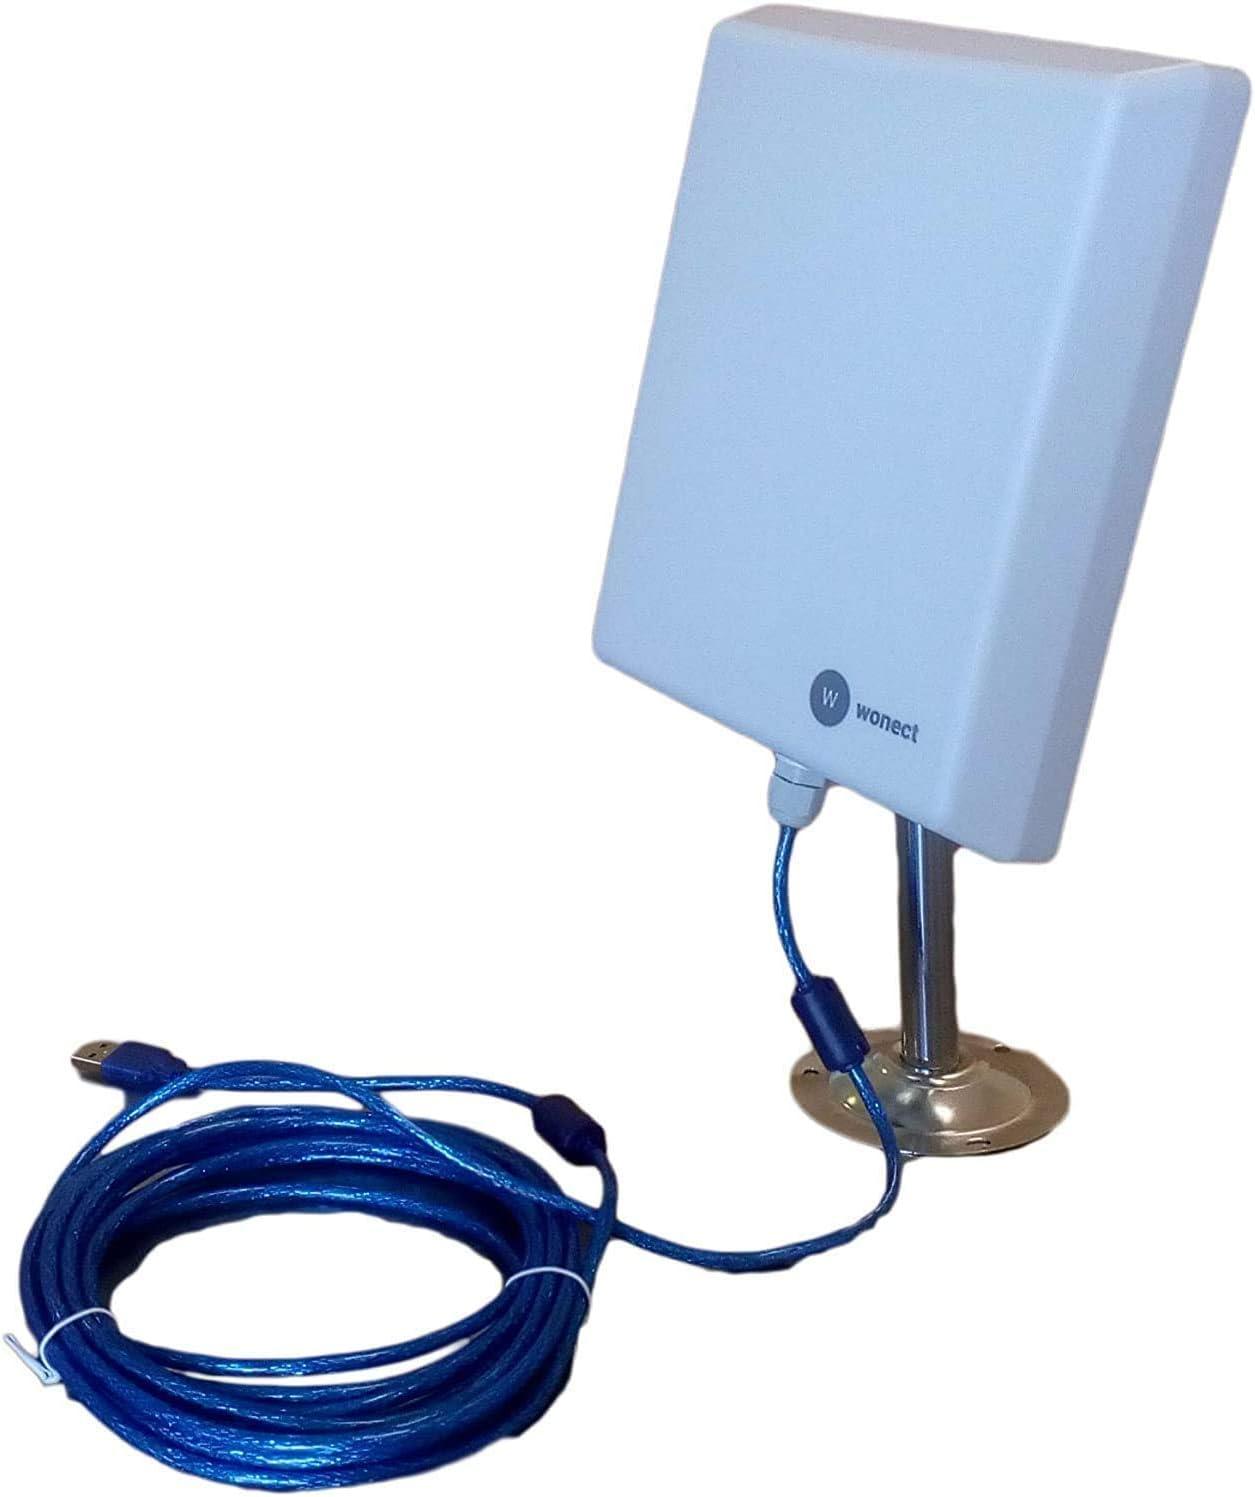 ADAPTADOR WIFI USB PROFESIONAL PARA EXTERIORES SIGNAL KING 2000mW + ANTENA PANEL 20dBi REALES CON 10m DE CABLE ACTIVO USB.